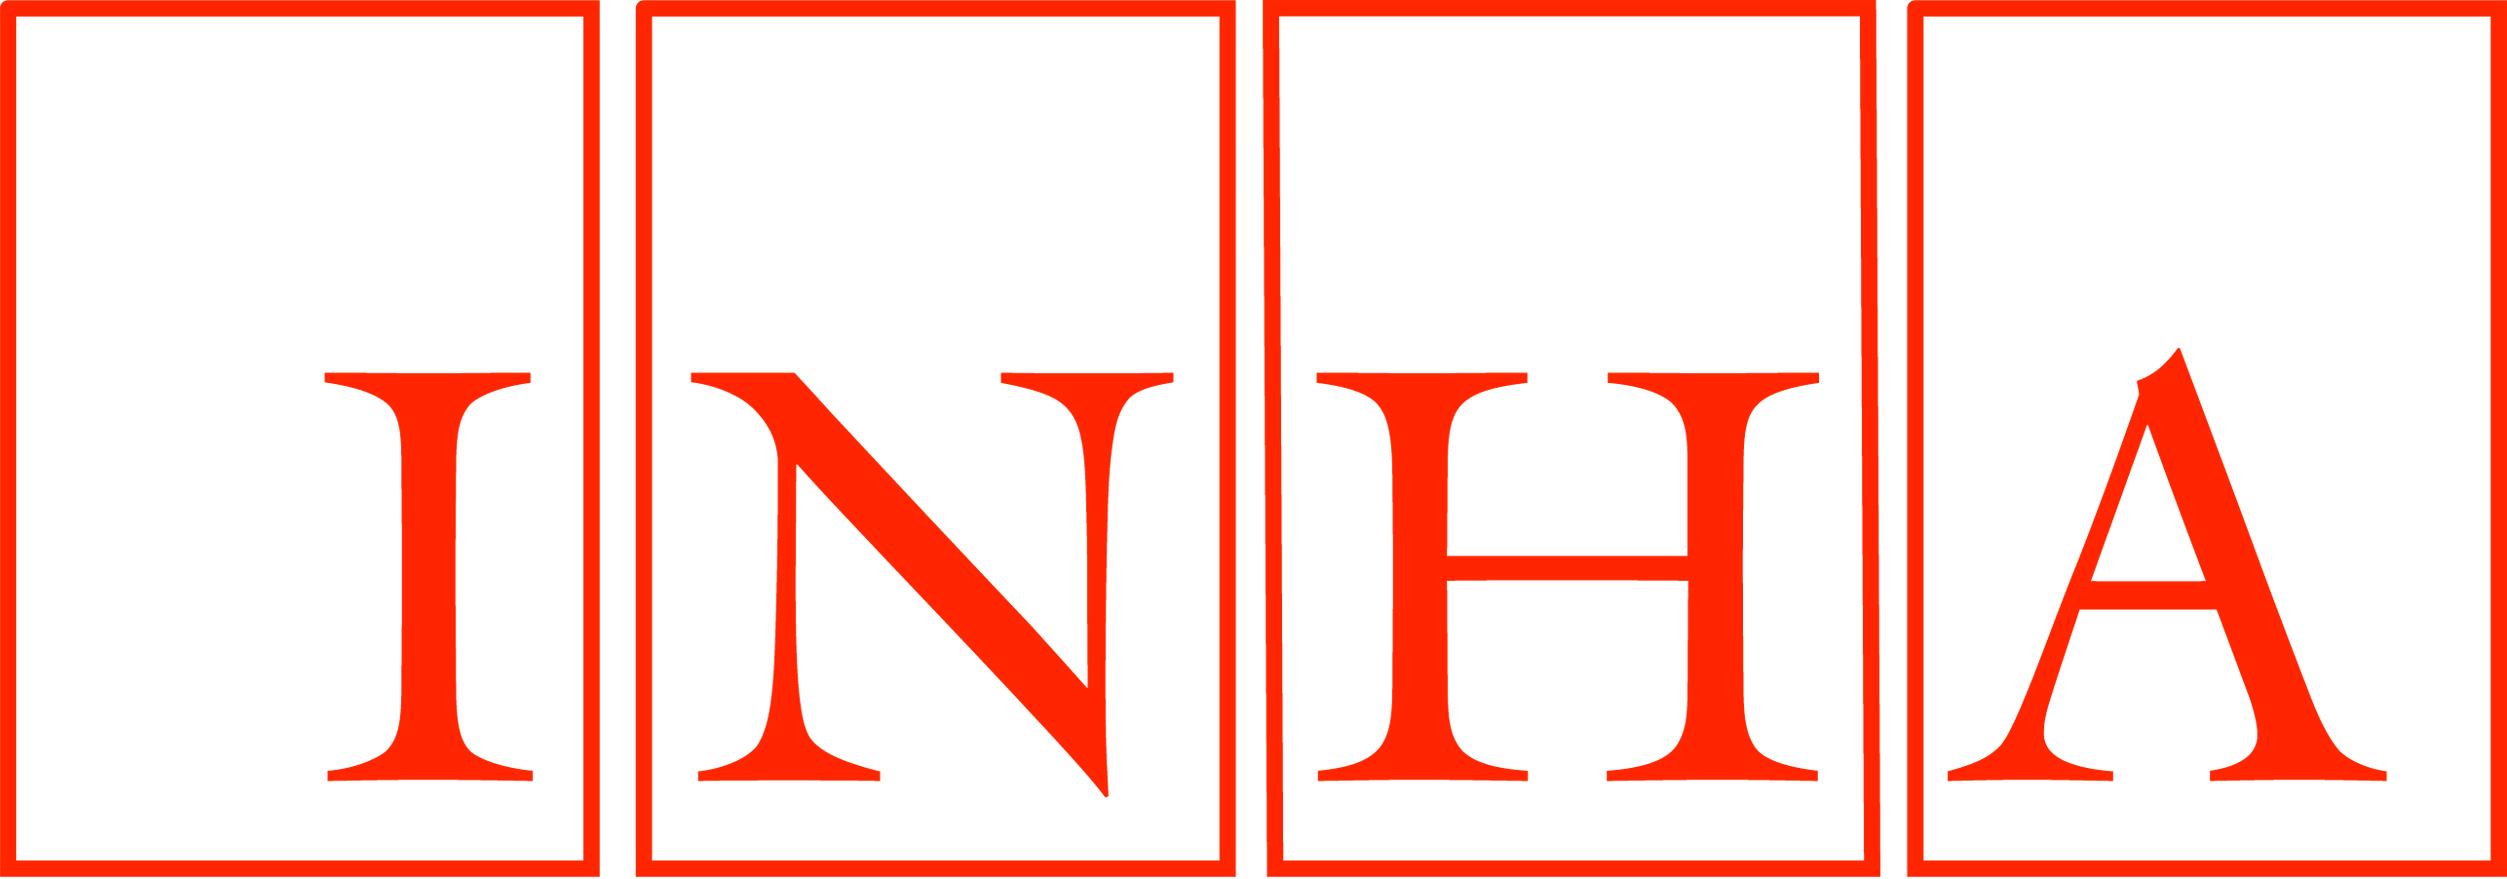 """Υποτροφία – Χρηματικό Βραβείο σε ερευνητές από χώρες της Μεσογείου του  Γαλλικού Εθνικού Ινστιτούτου Ιστορίας της Τέχνης (INHA) και του Ιδρύματος """"Marc de Montalembert"""""""